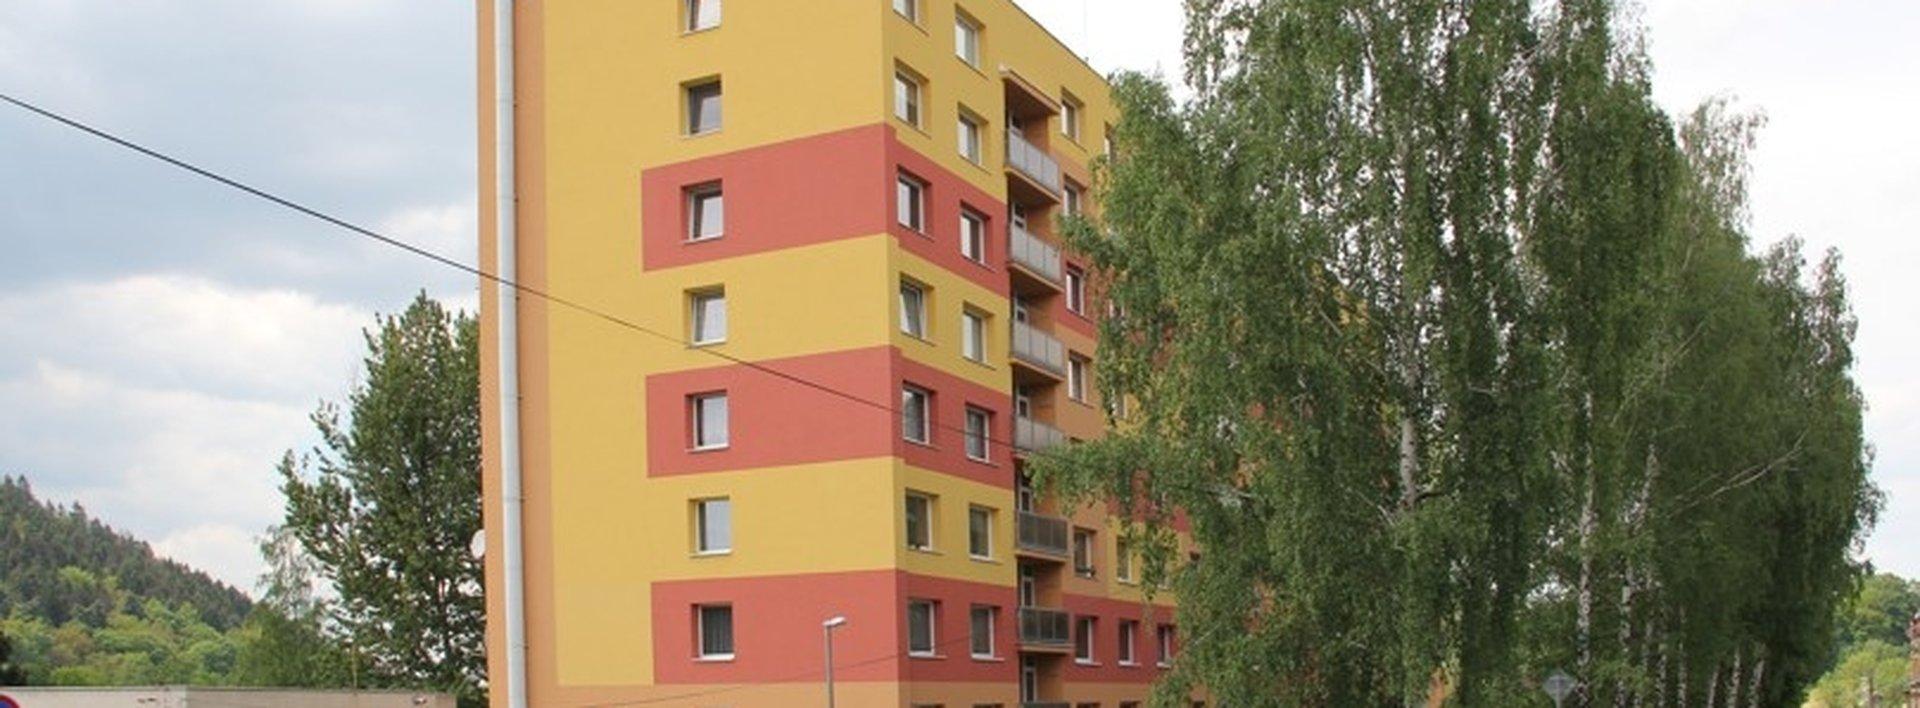 Investiční příležitost, prodej slunného bytu 1+1, 38m², Ev.č.: N48093